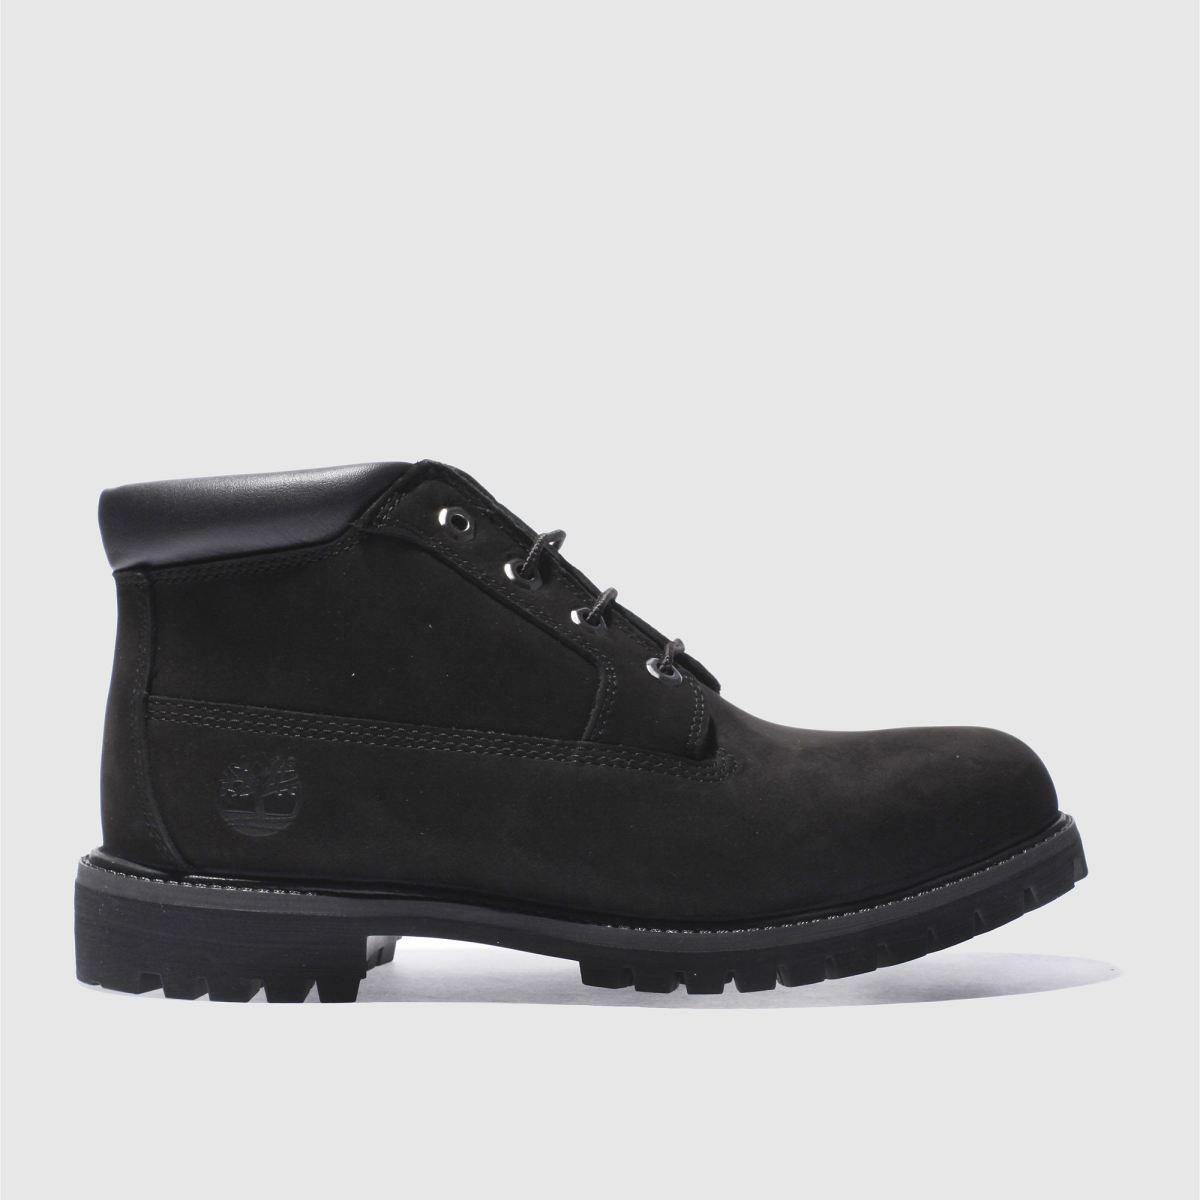 timberland black premium waterproof chukka boots